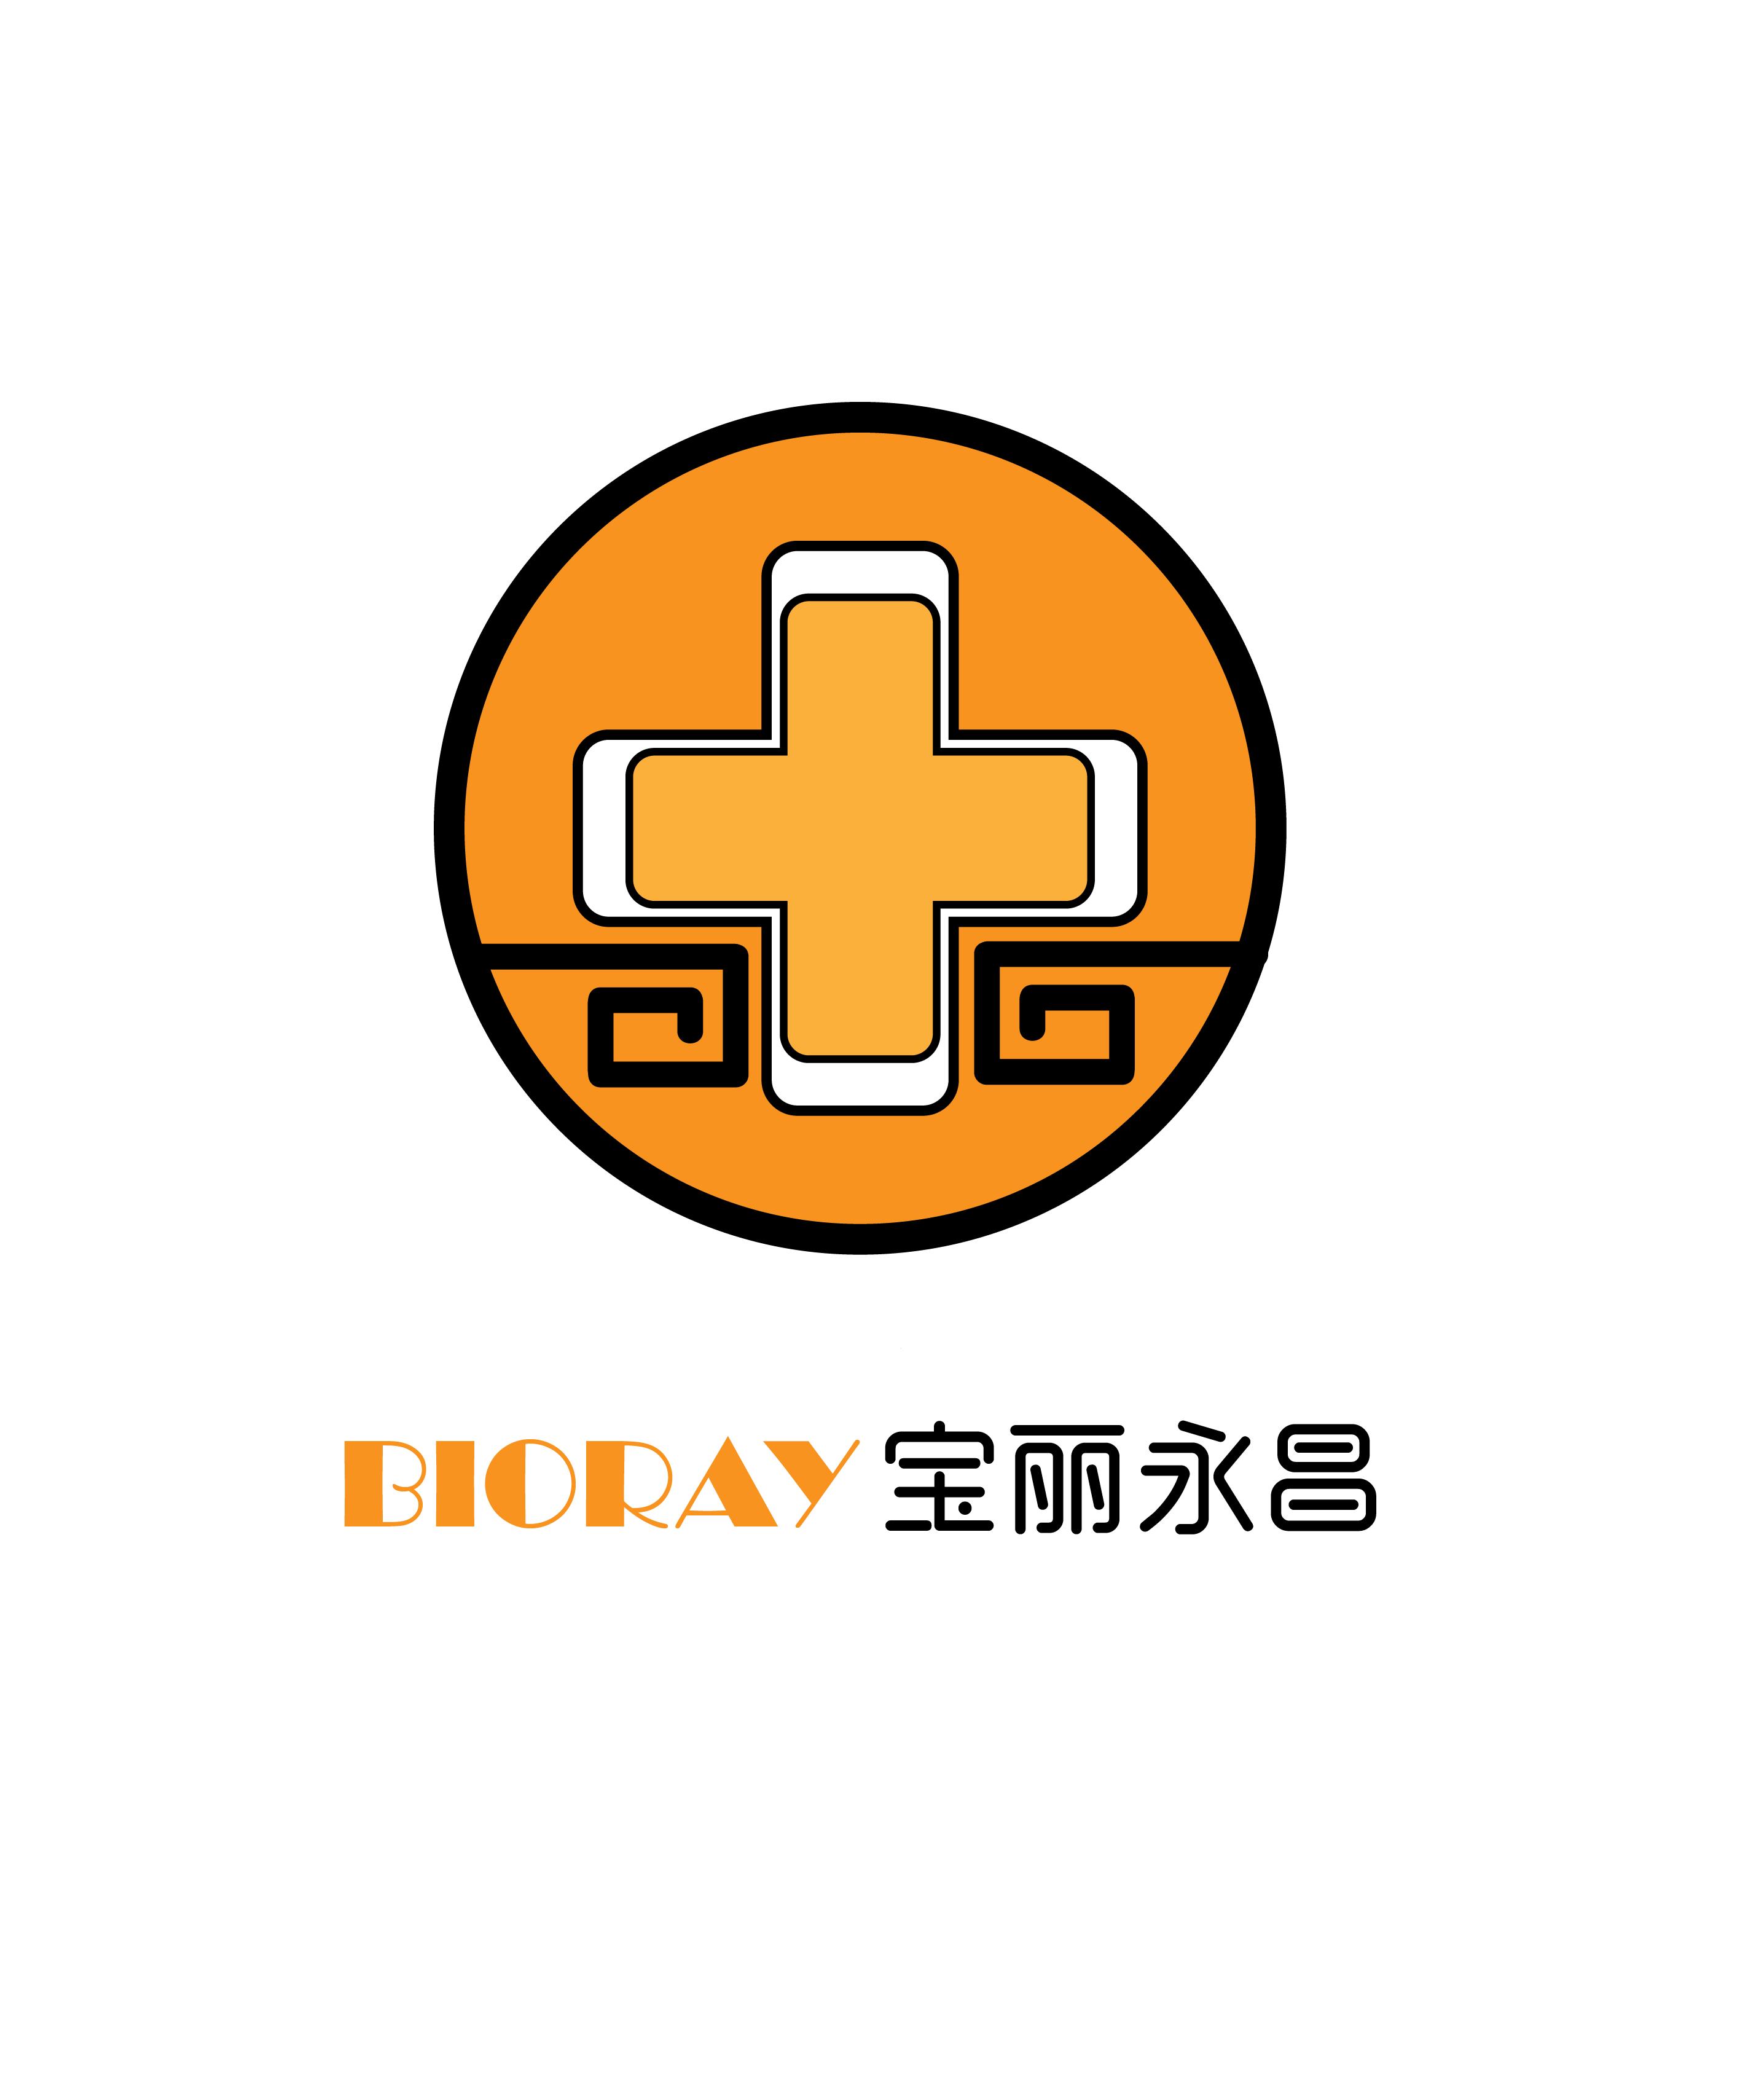 logo设计(新要求)_2941106_k68威客网